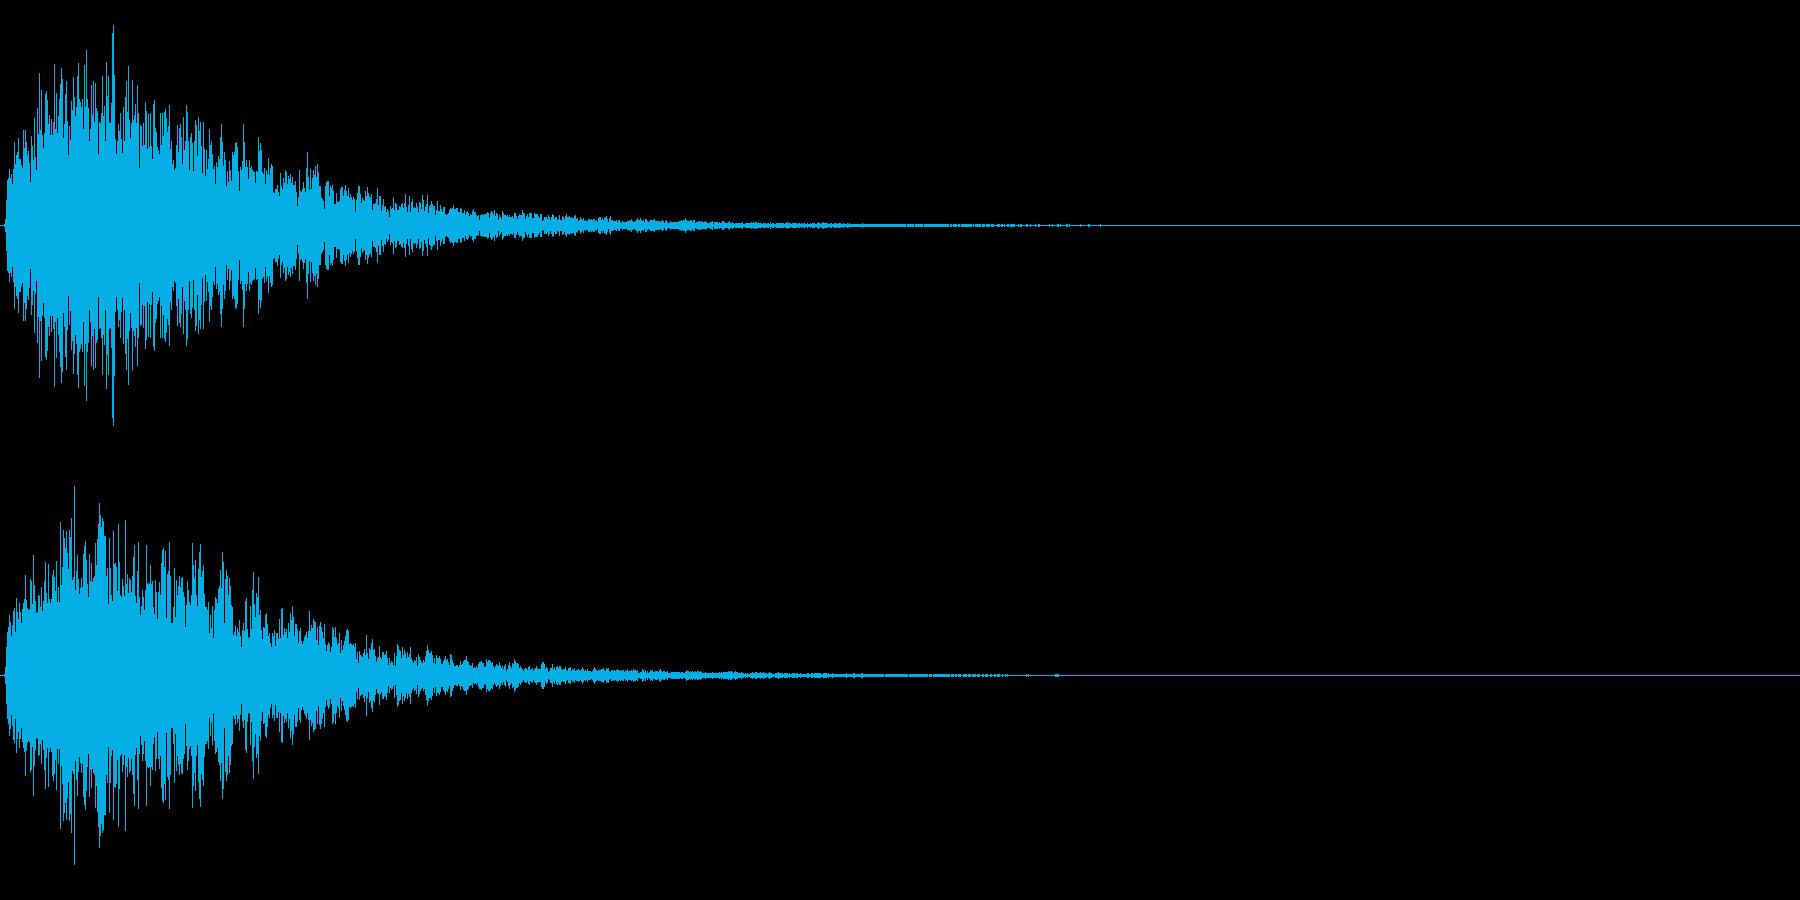 ゲームスタート、決定、ボタン音-113の再生済みの波形